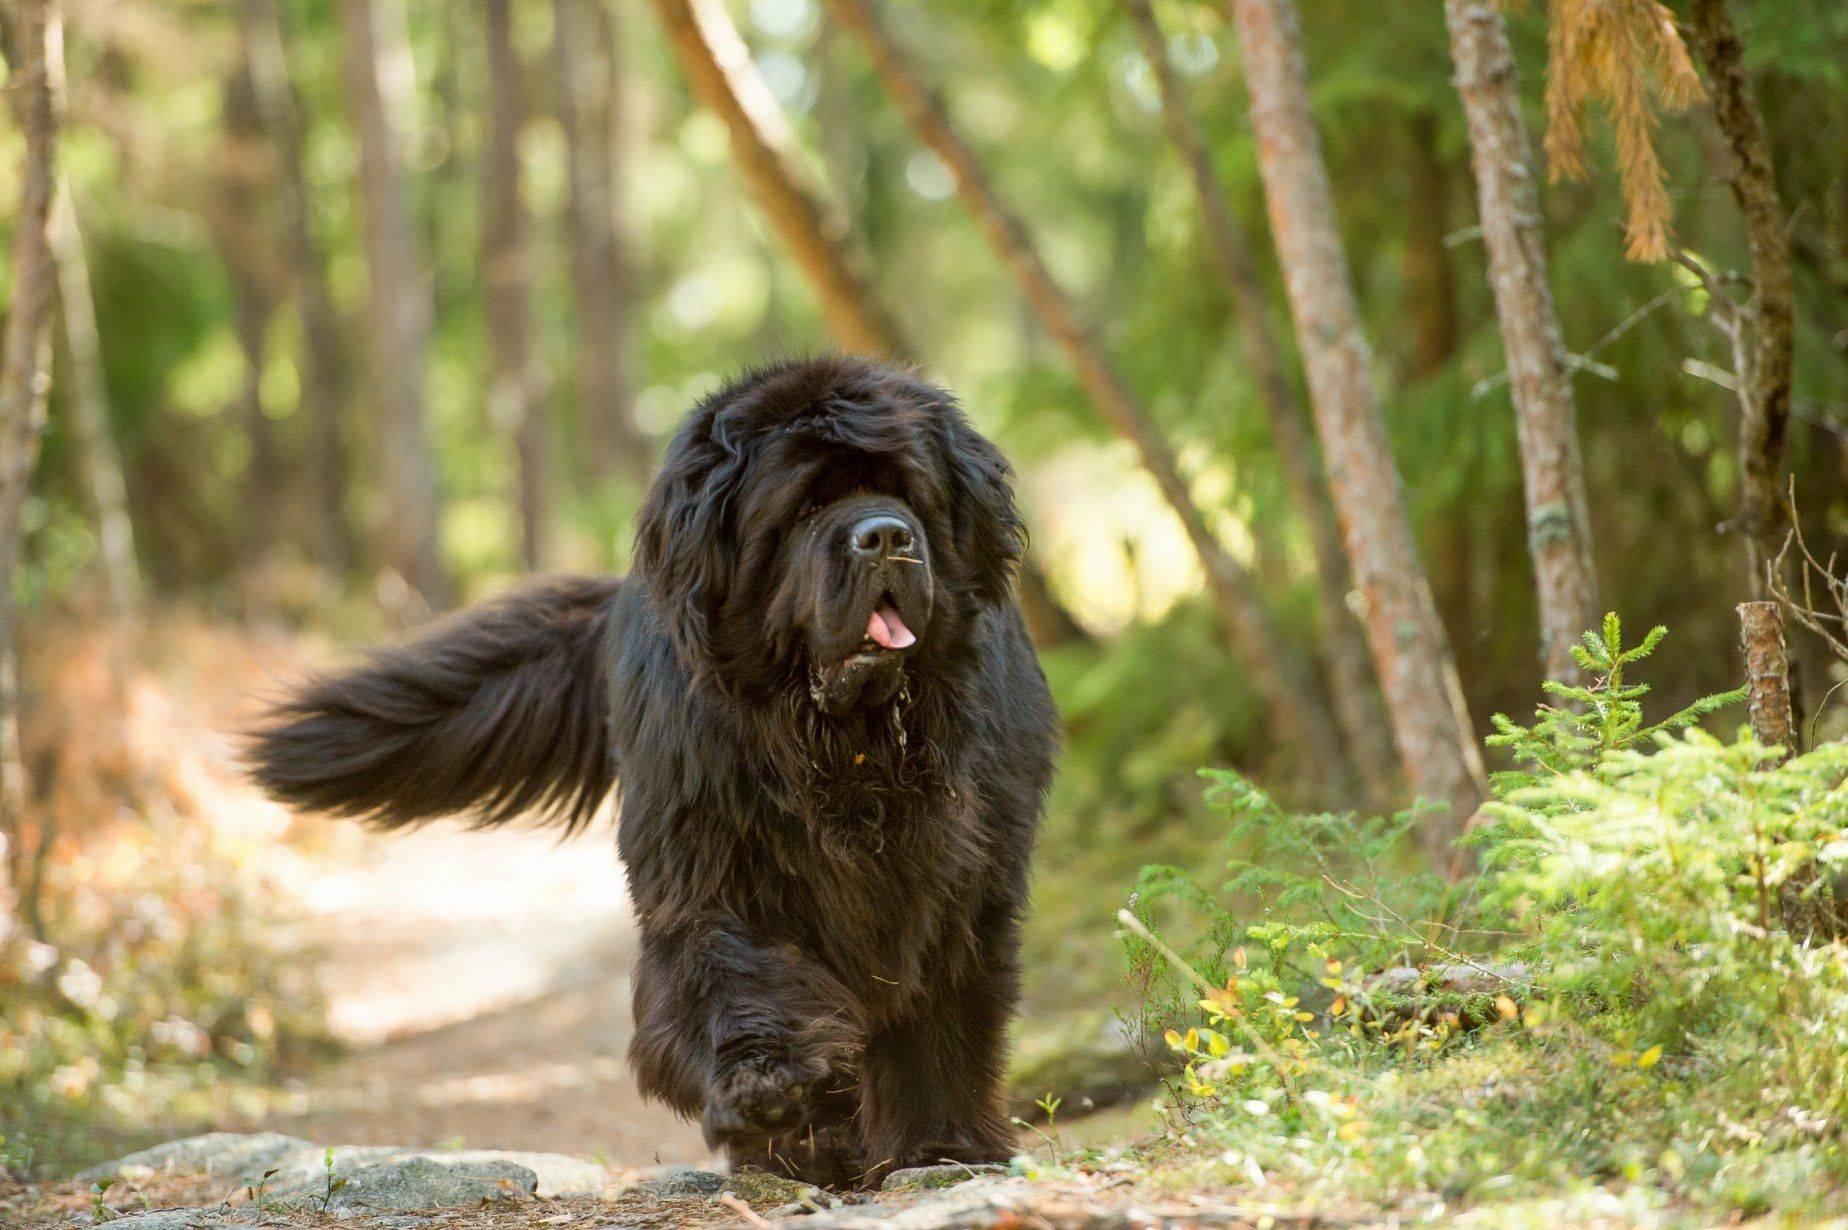 Ньюфаундленд собака. описание, особенности, уход и цена ньюфаундленда | sobakagav.ru